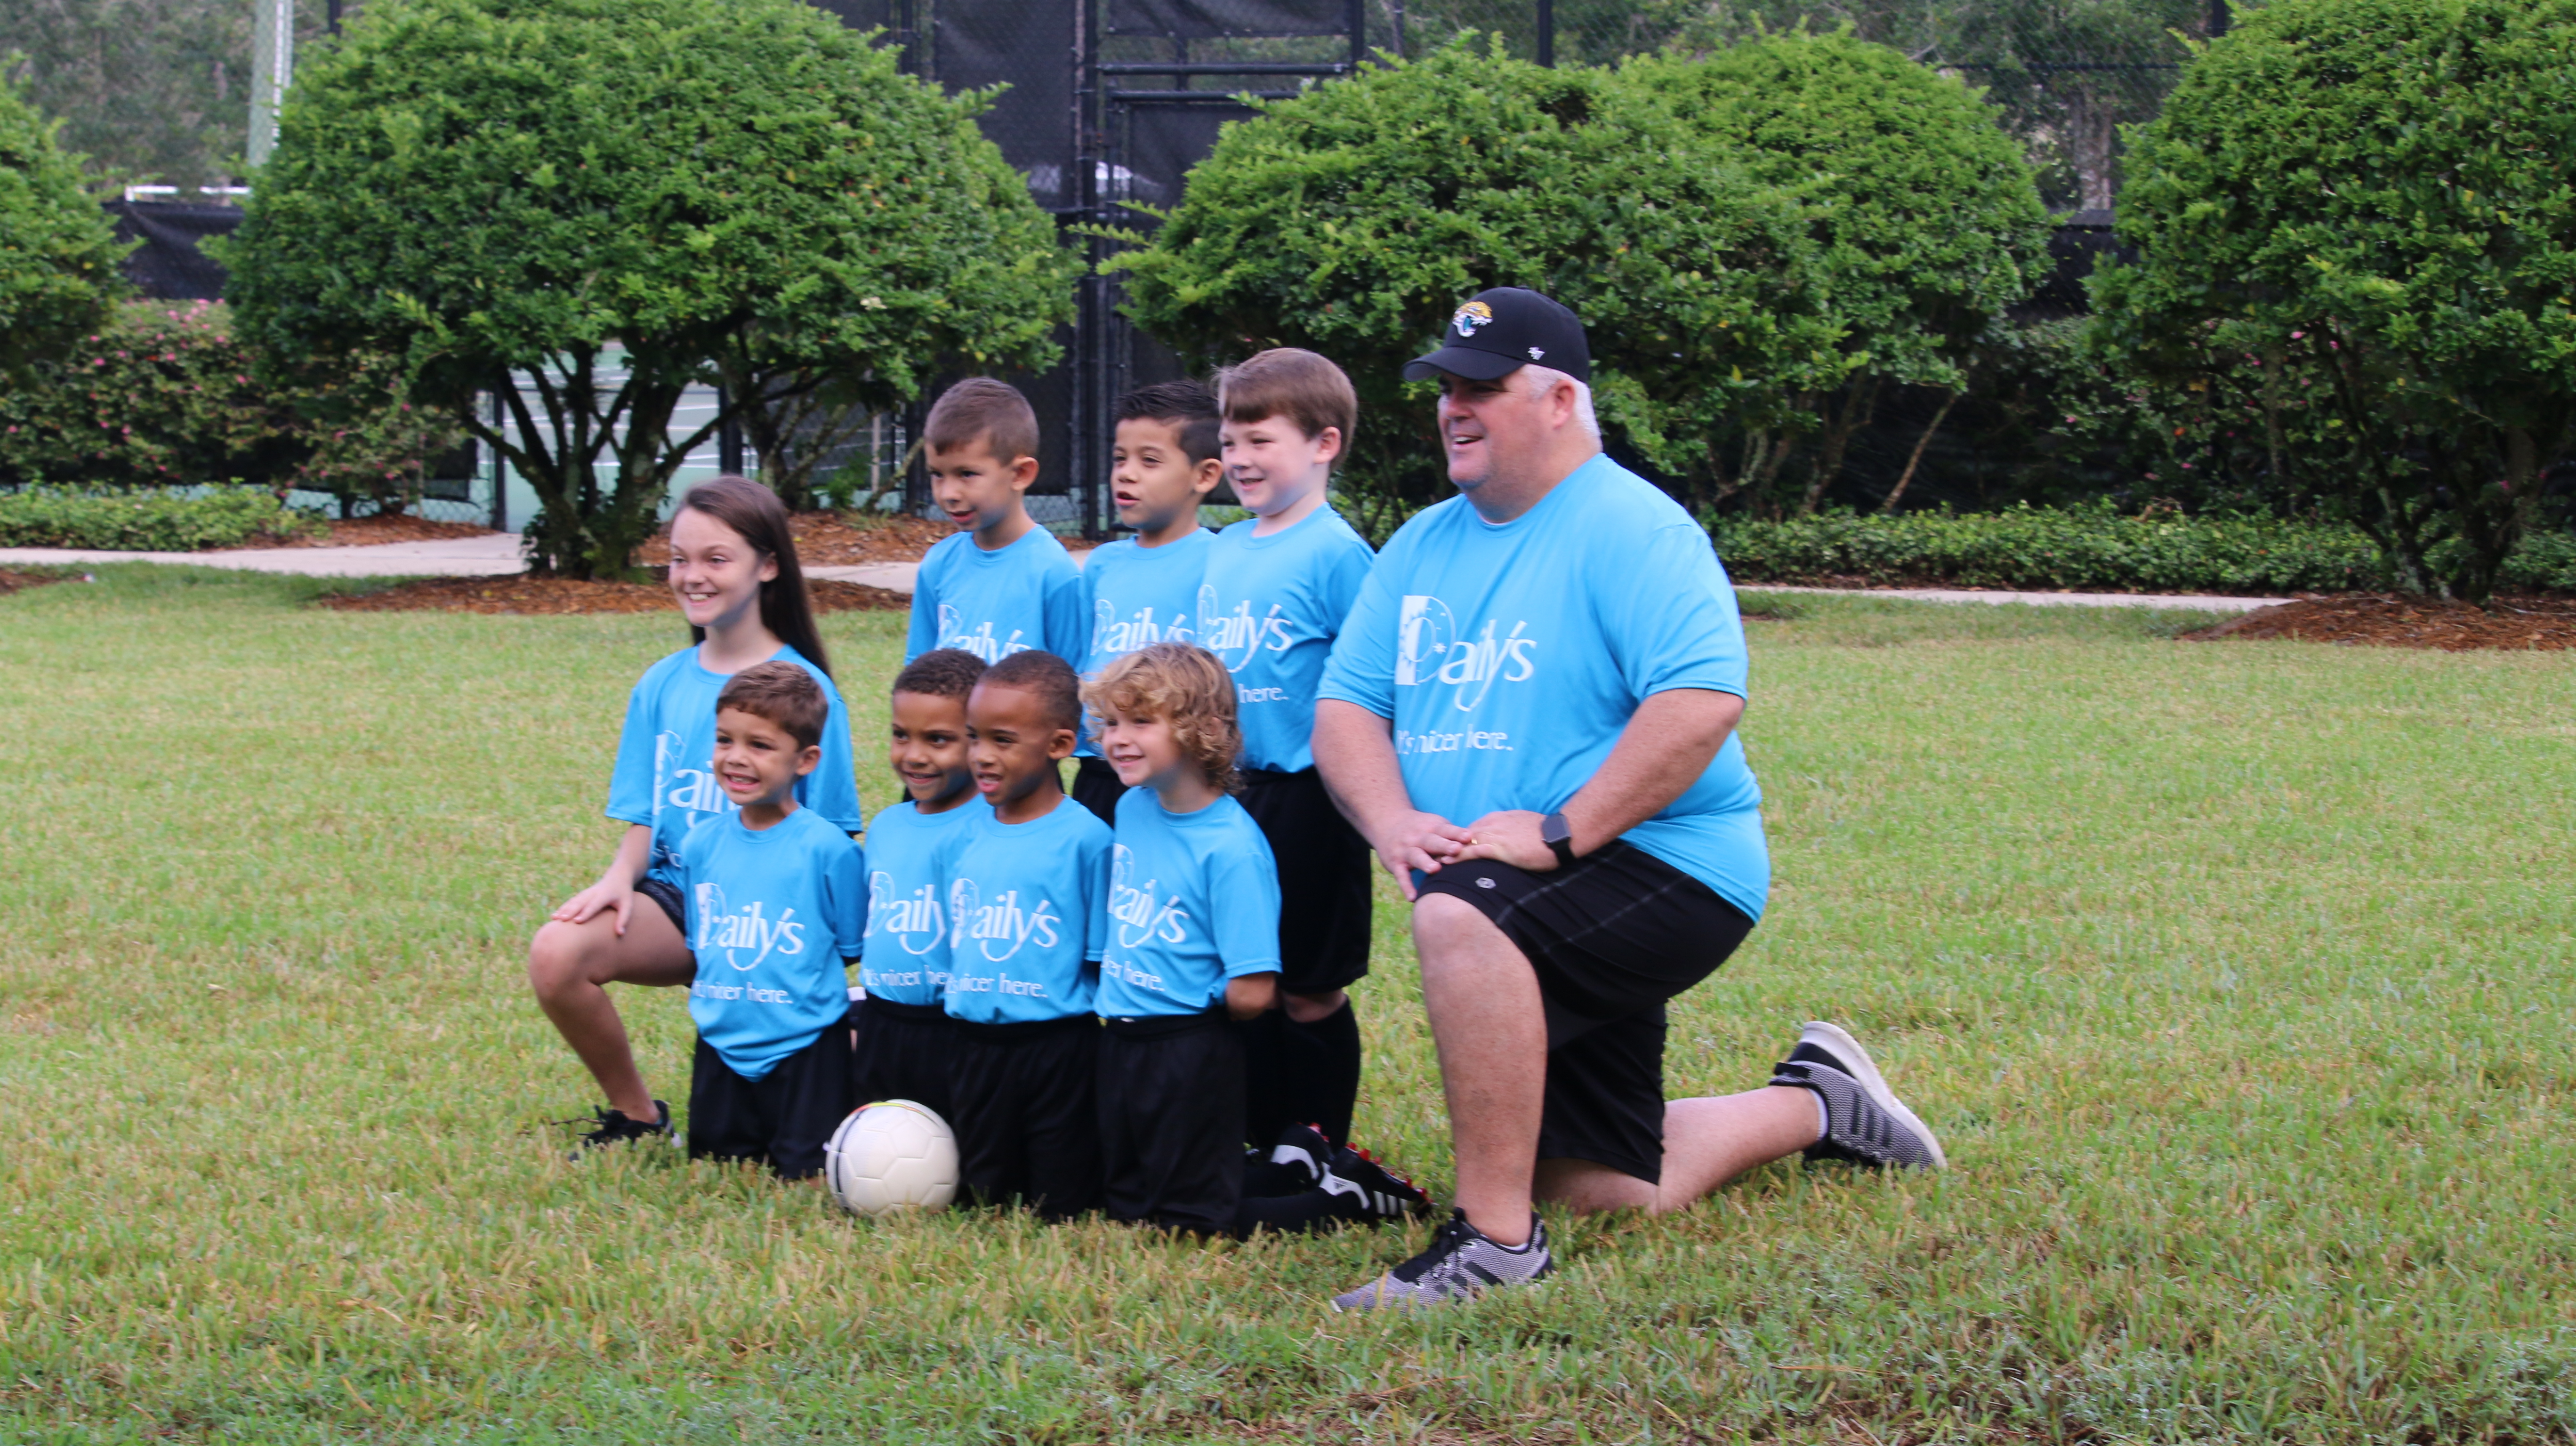 Soccer Pic 12